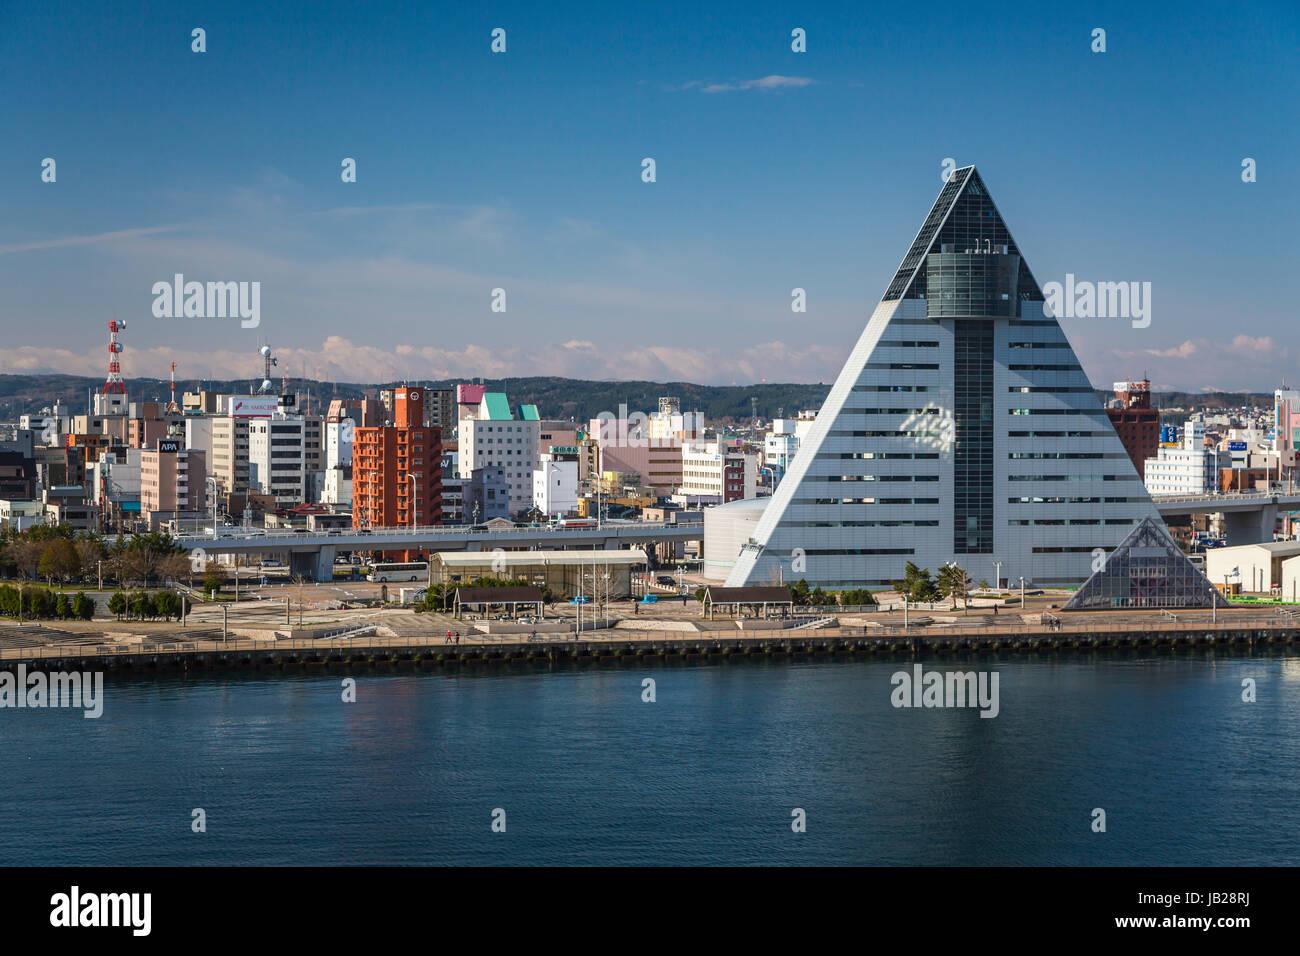 Le port de la ville d'Aomori, au nord du Japon, de la région de Tōhoku. Photo Stock